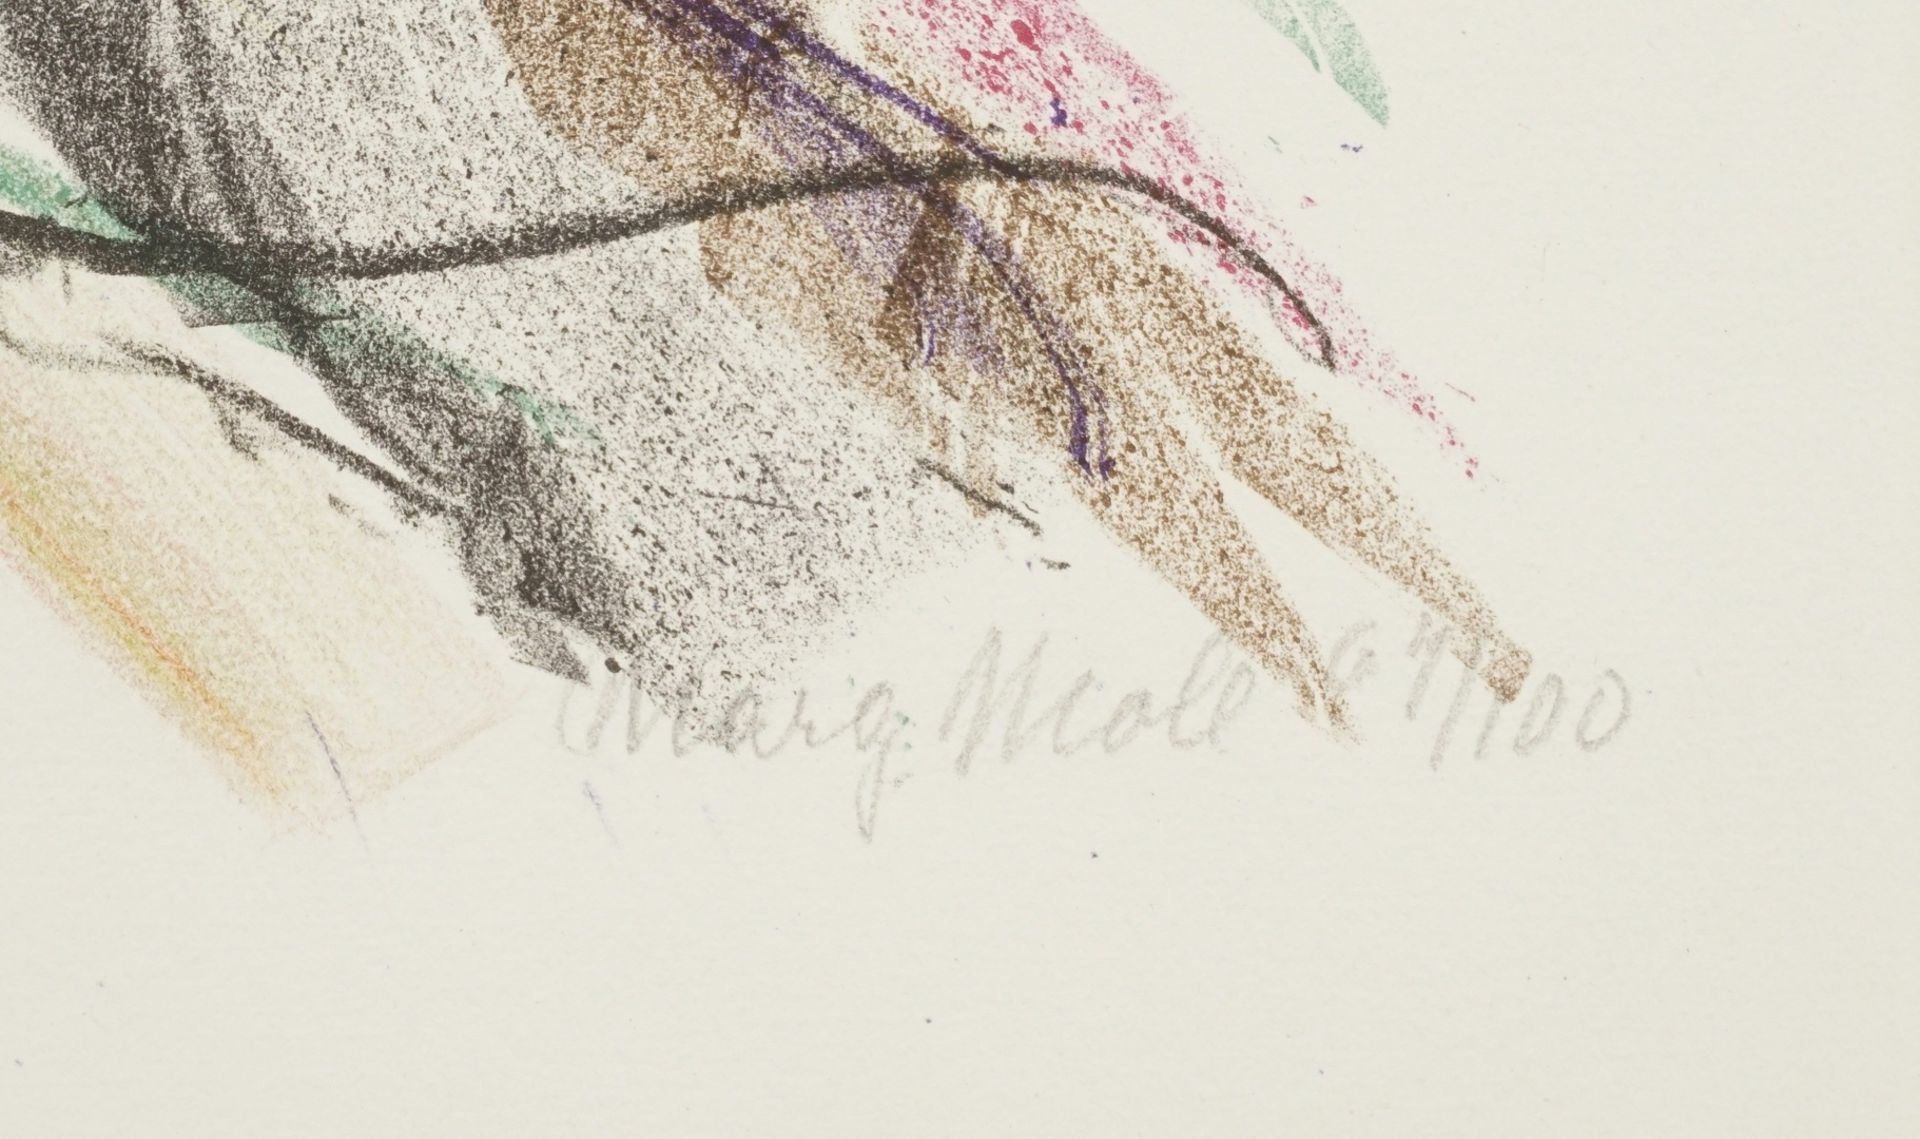 Margarete (Marg) Moll, Violett bricht durch (Informelle Komposition) - Bild 4 aus 4